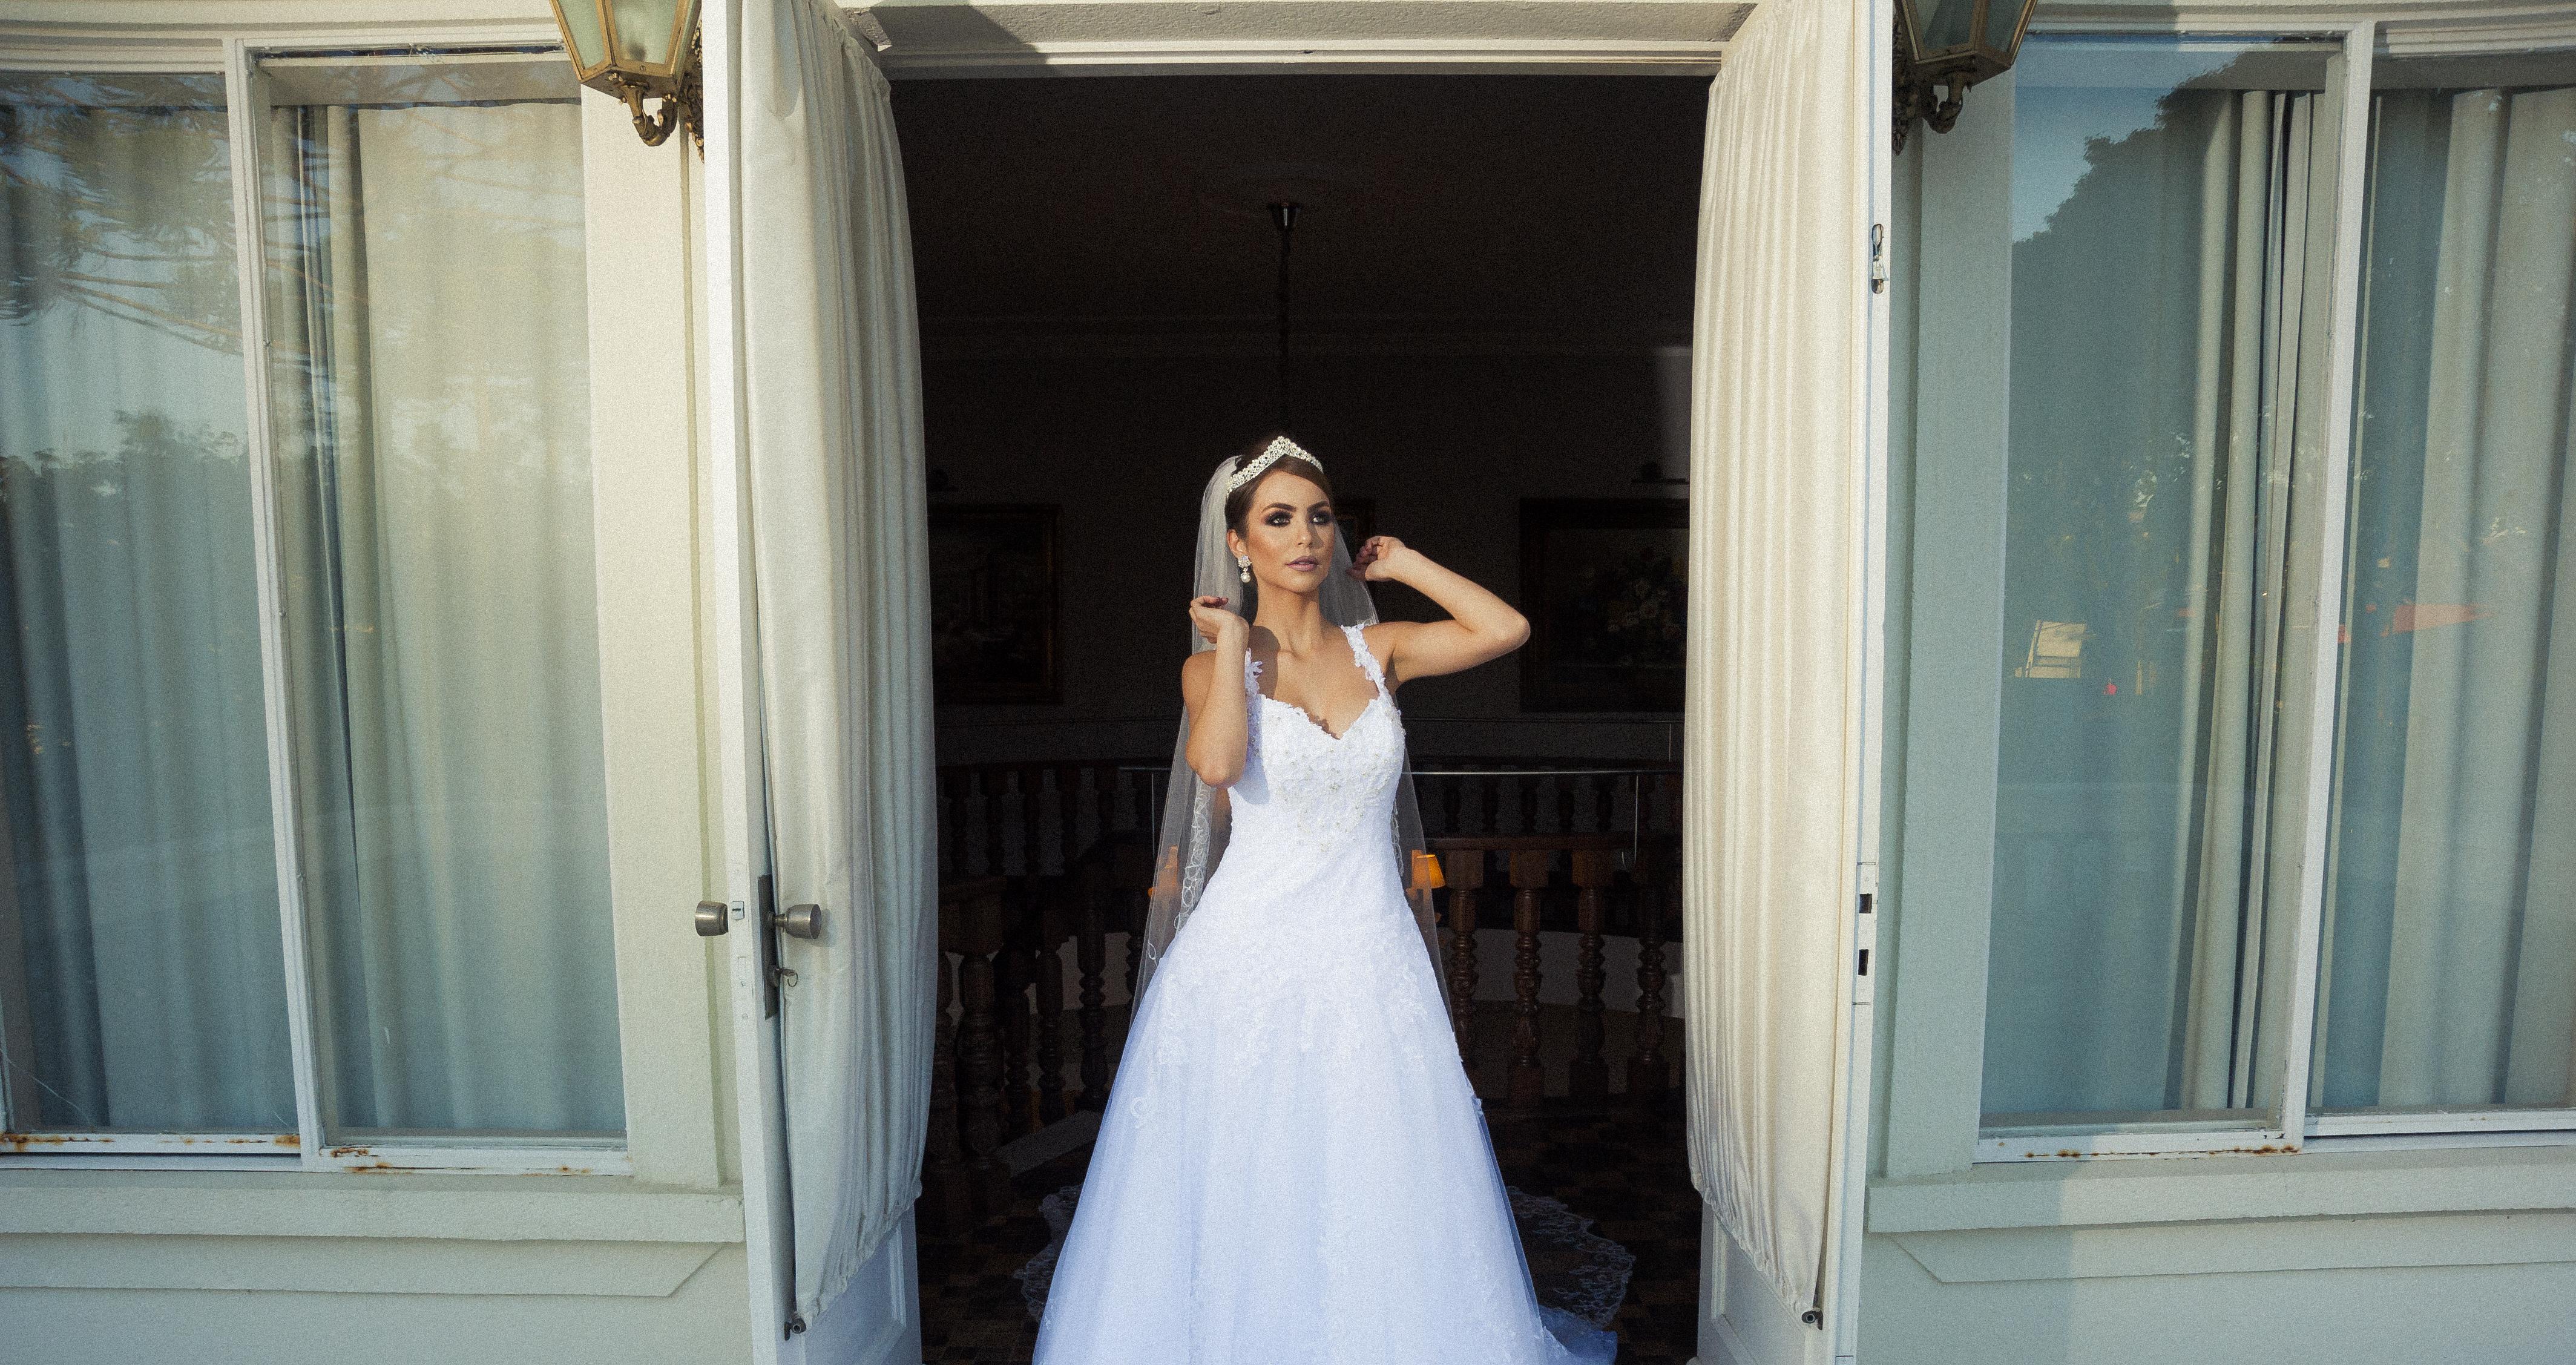 Contate Maycon Moura - Fotógrafo de Casamento, Ensaios e Eventos em Curitiba - PR